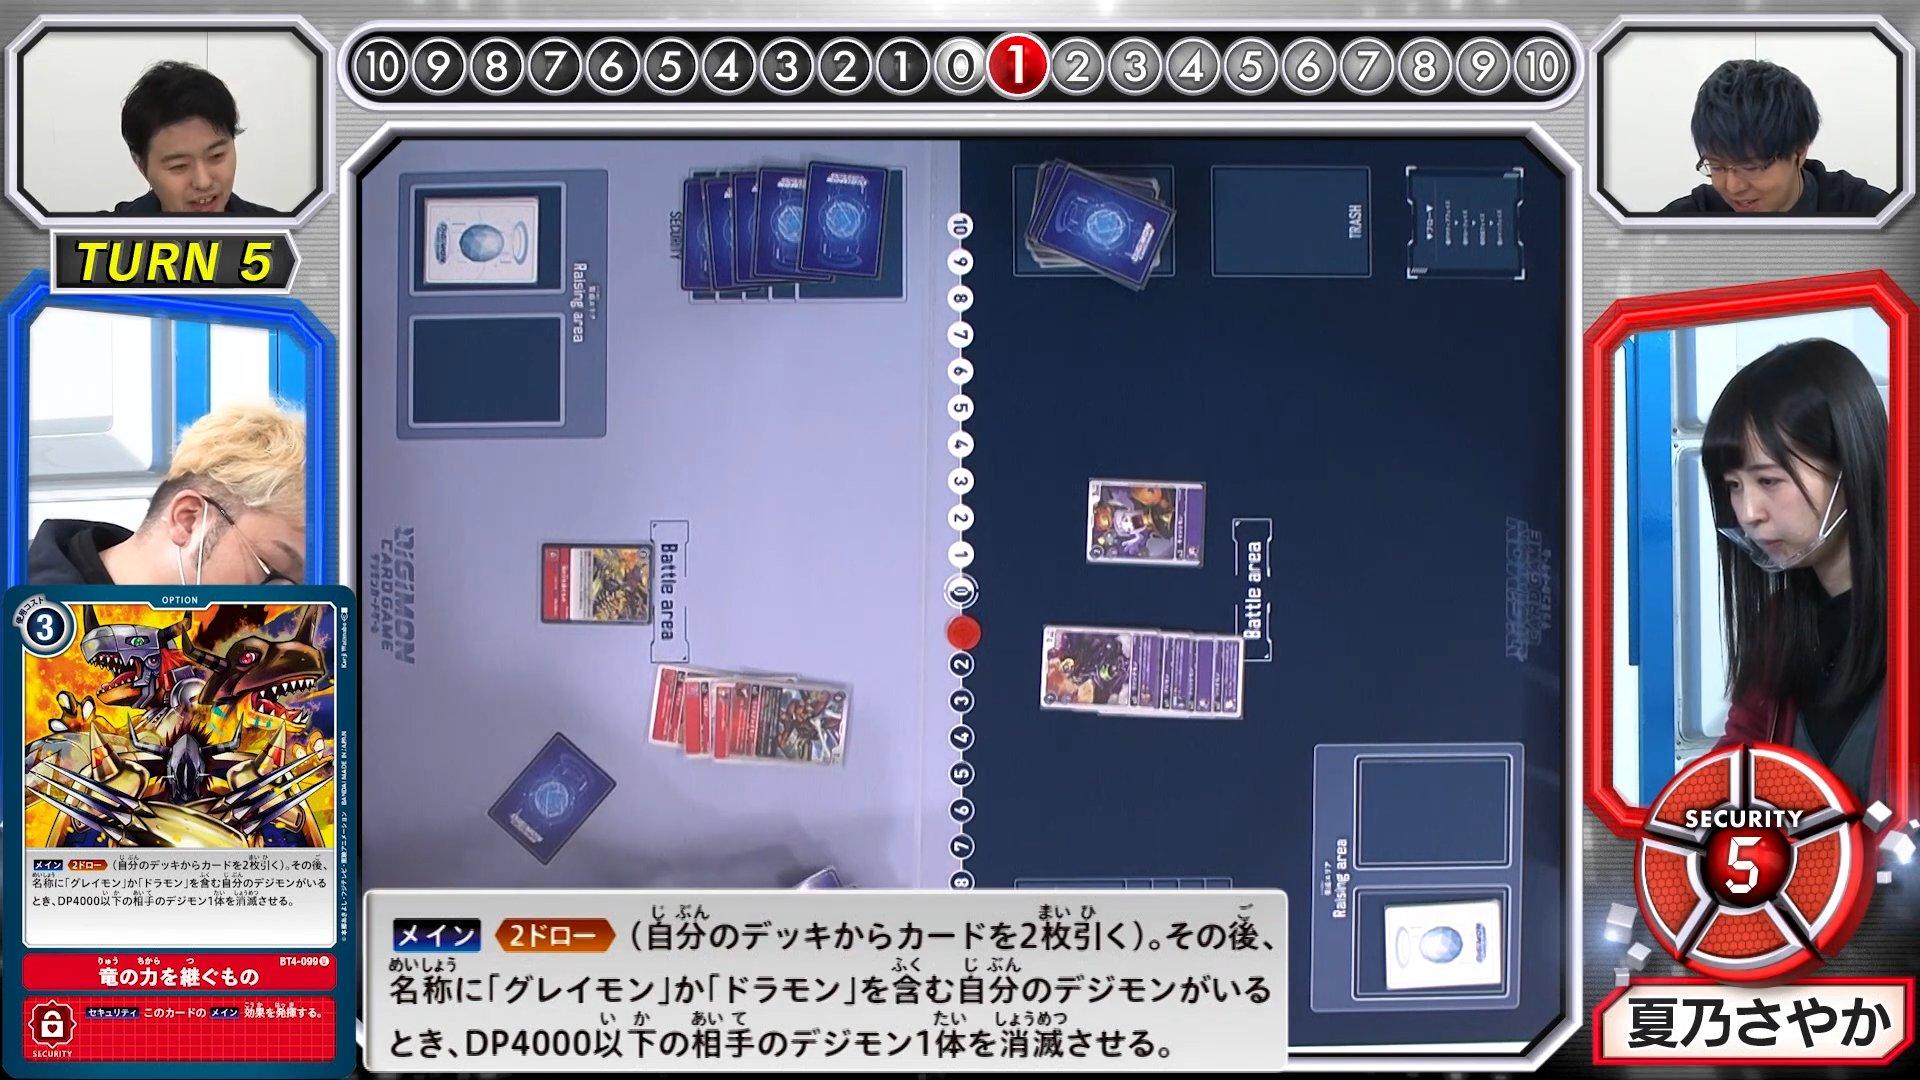 digimoncardbattle_v2_15_04_january21_2021.jpg